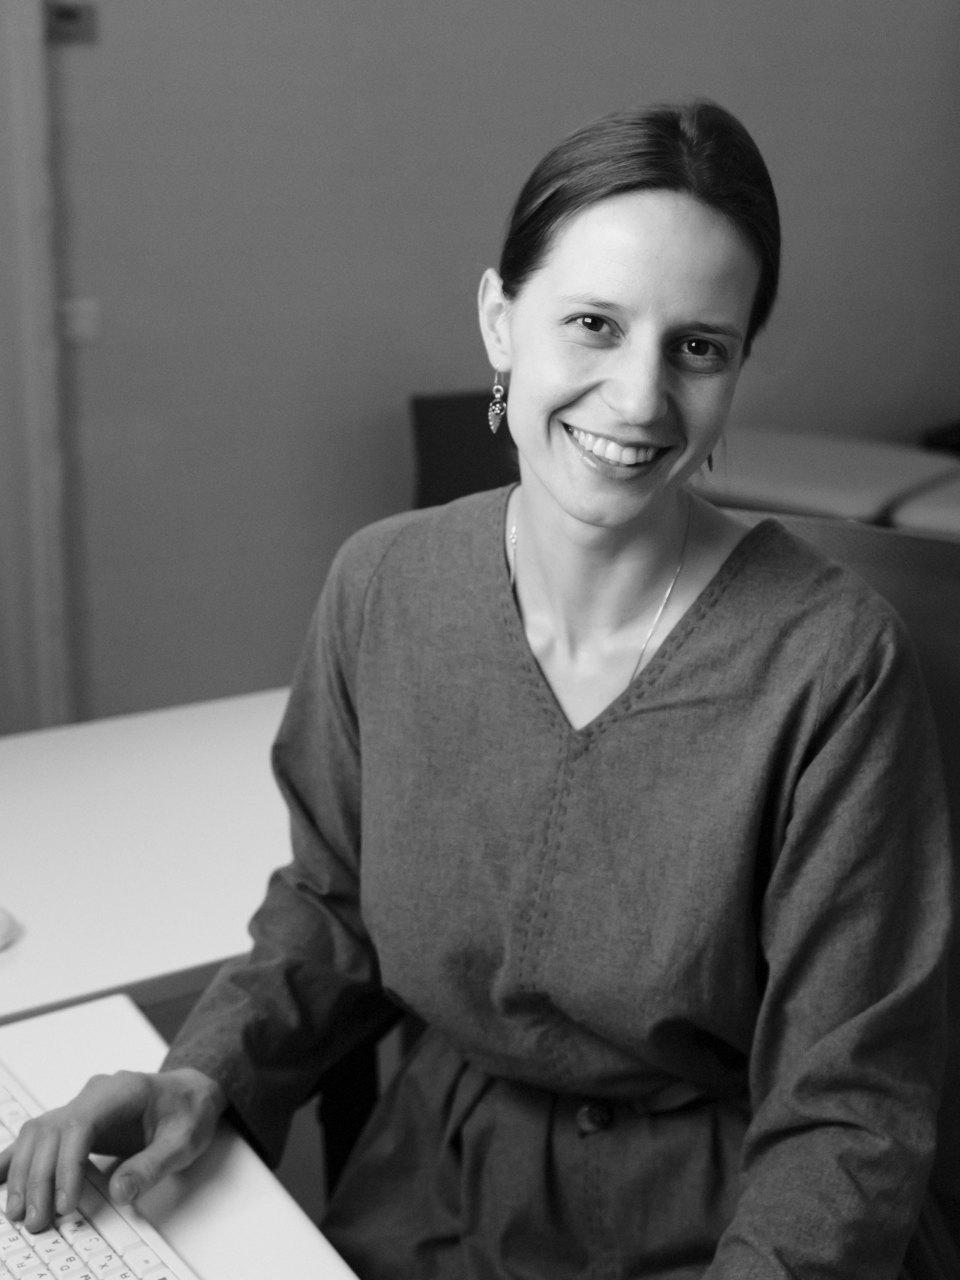 Ковальчук Мария Олеговна — Член правления, невролог